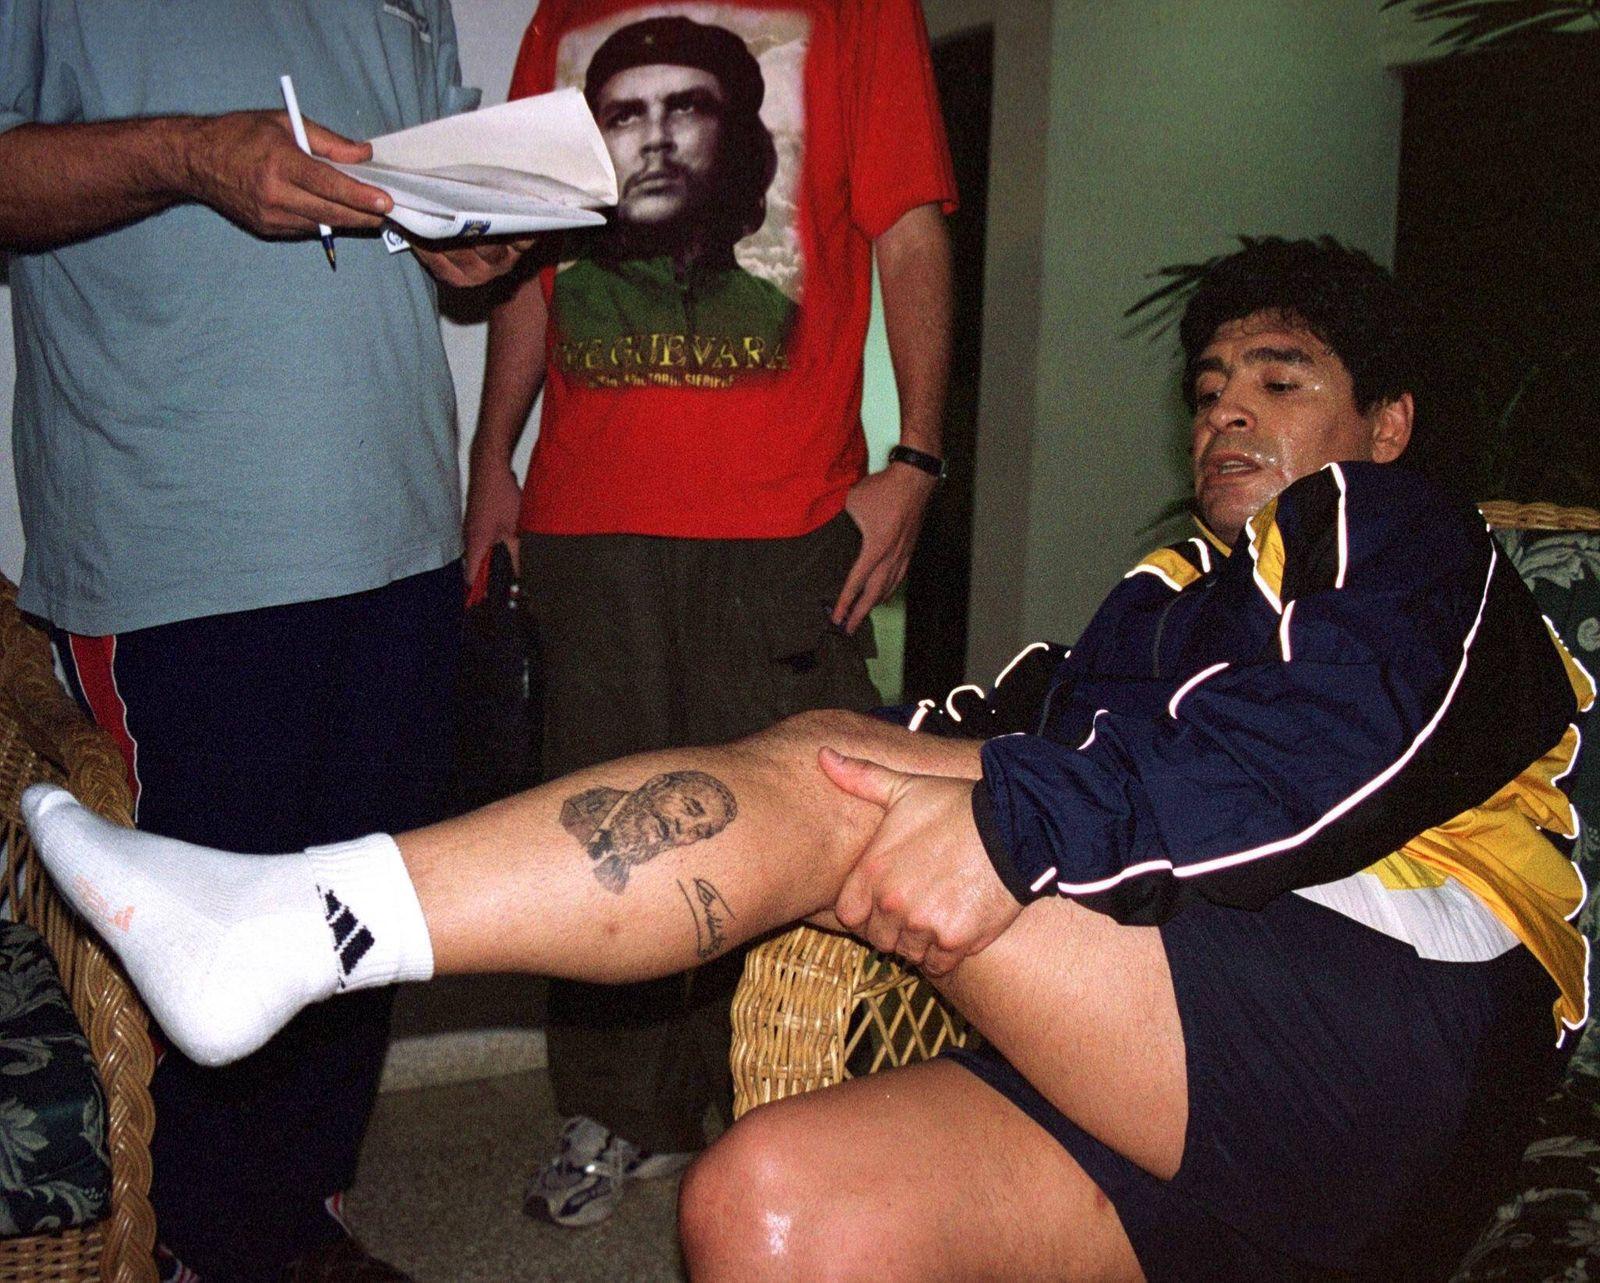 Diego Armando Maradona (Argentinien) präsentiert schweißüberströmt seine Fidel Castro Tätowierung an der Wade